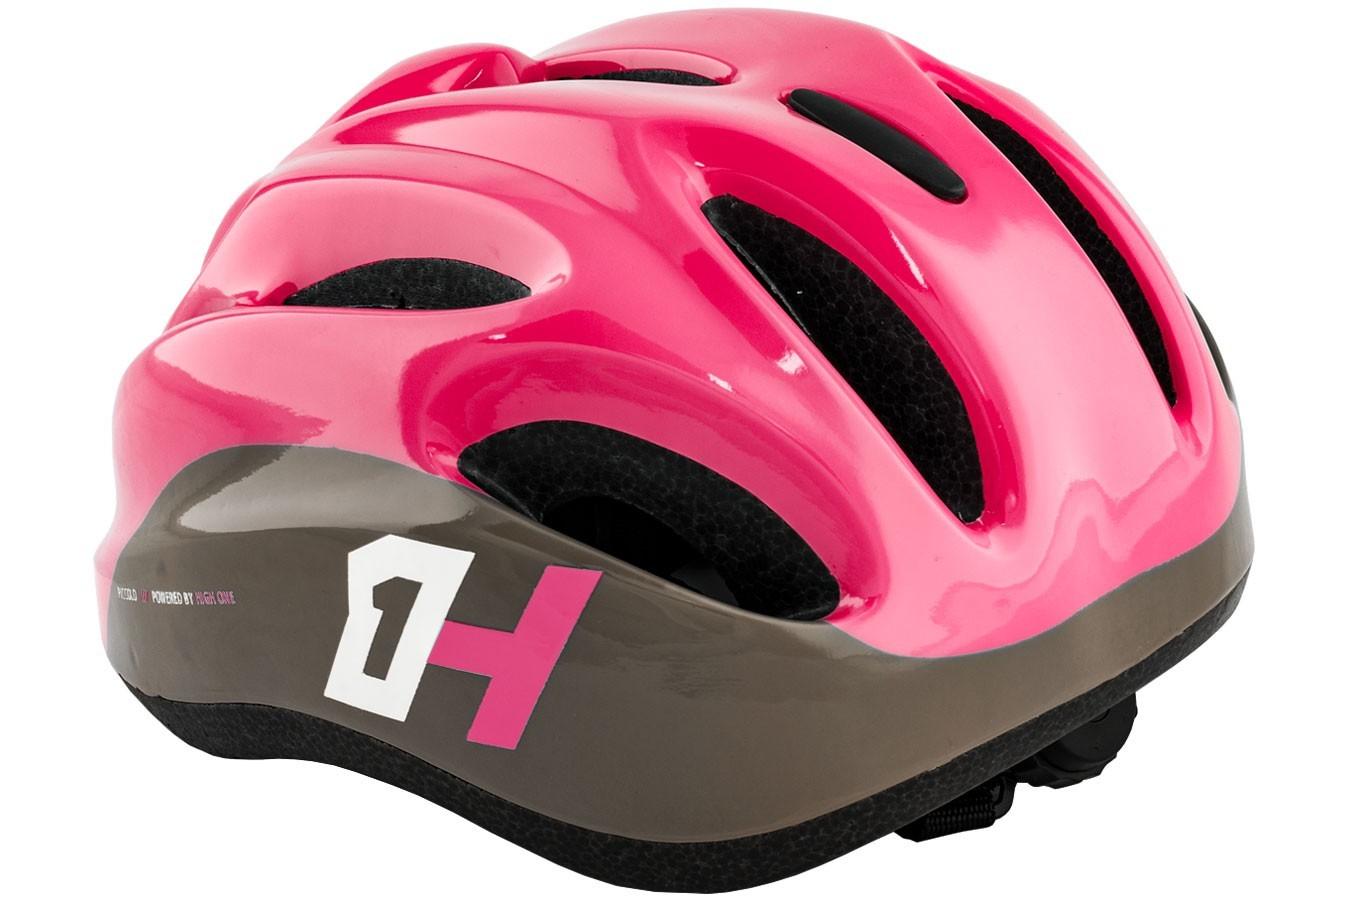 Capacete de ciclista infantil Piccolo Rosa High One